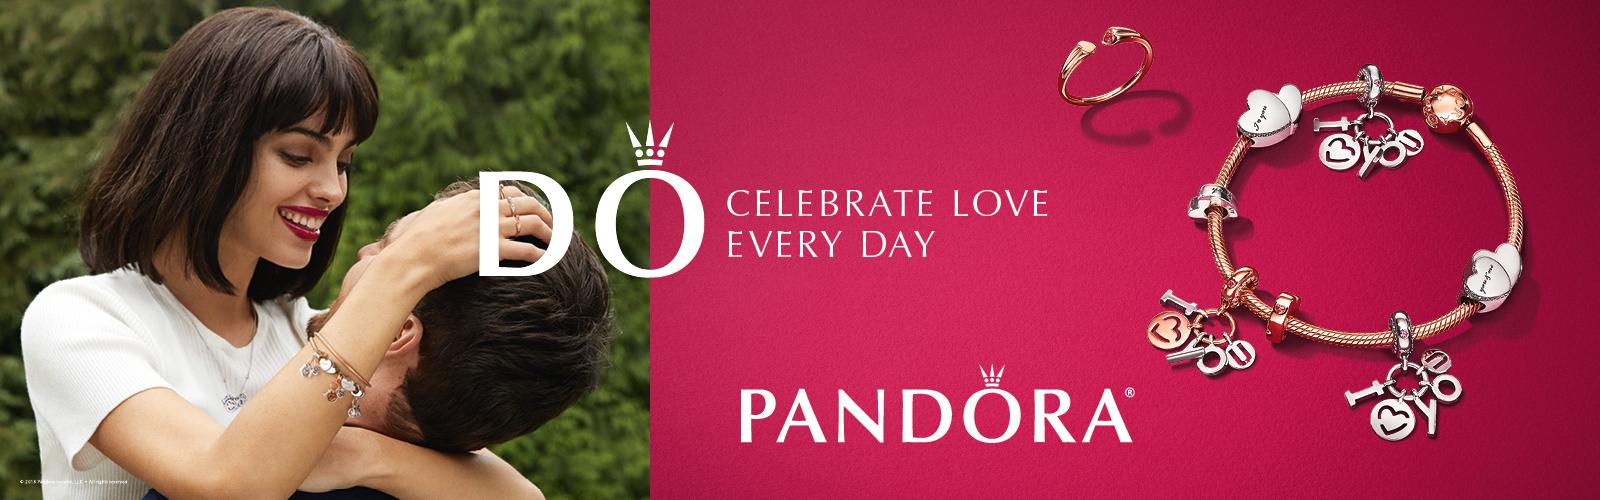 Pandora Celebrate Love